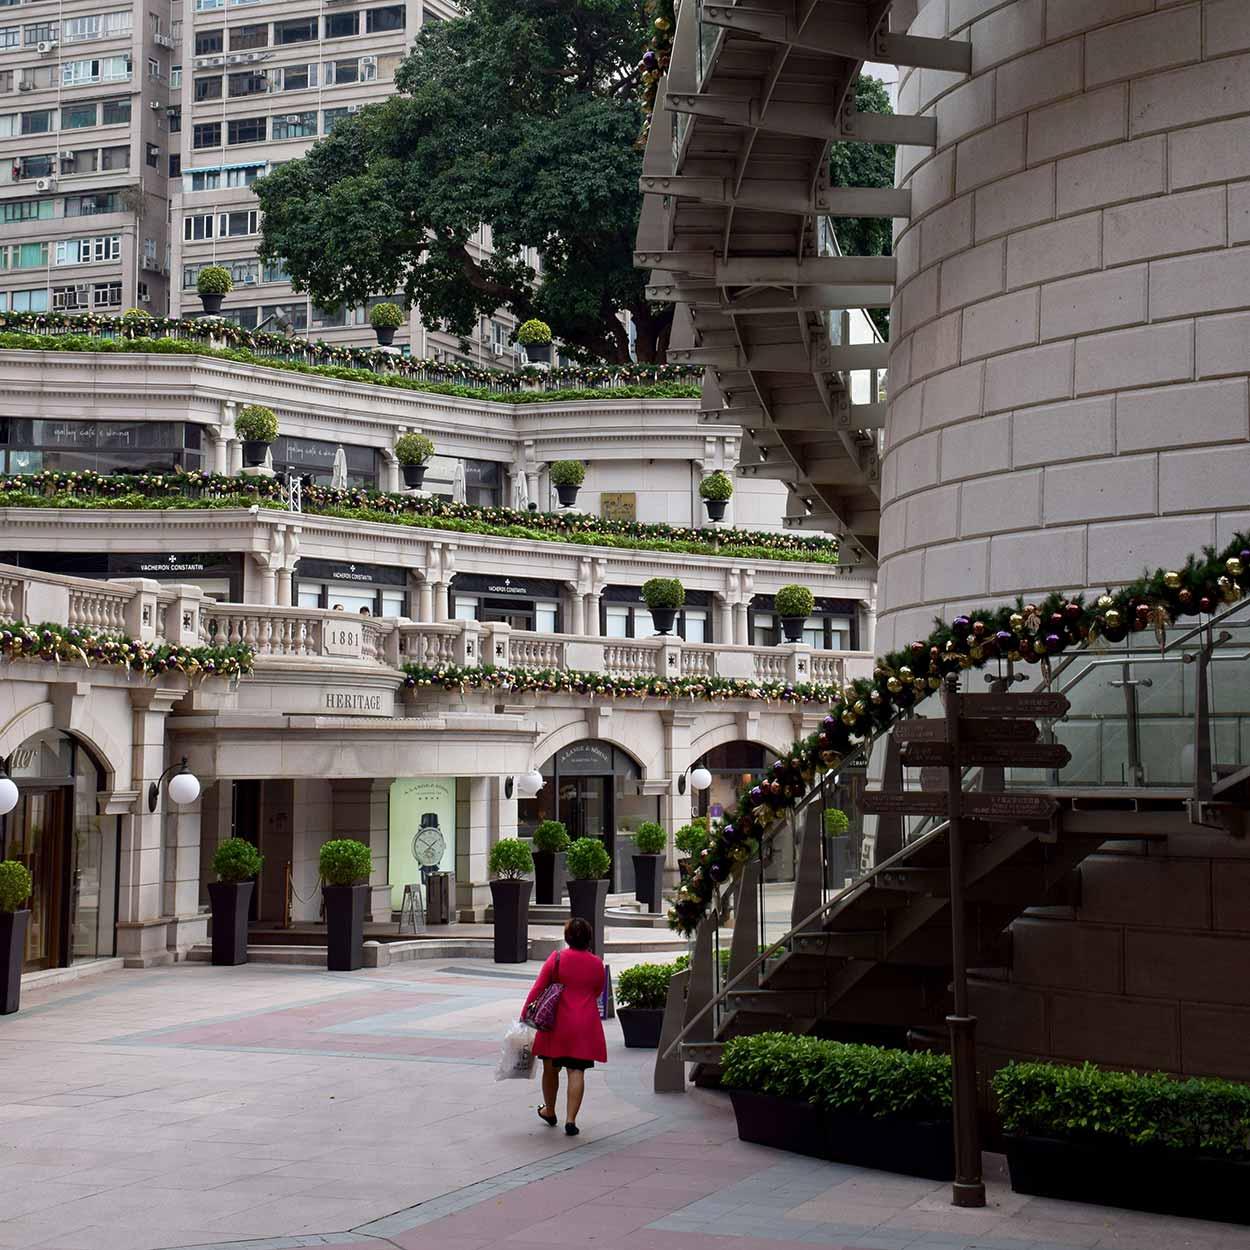 1881 Heritage, formally the headquarters of the Hong Kong Marine Police, Tsim Sha Tsui, Hong Kong, China